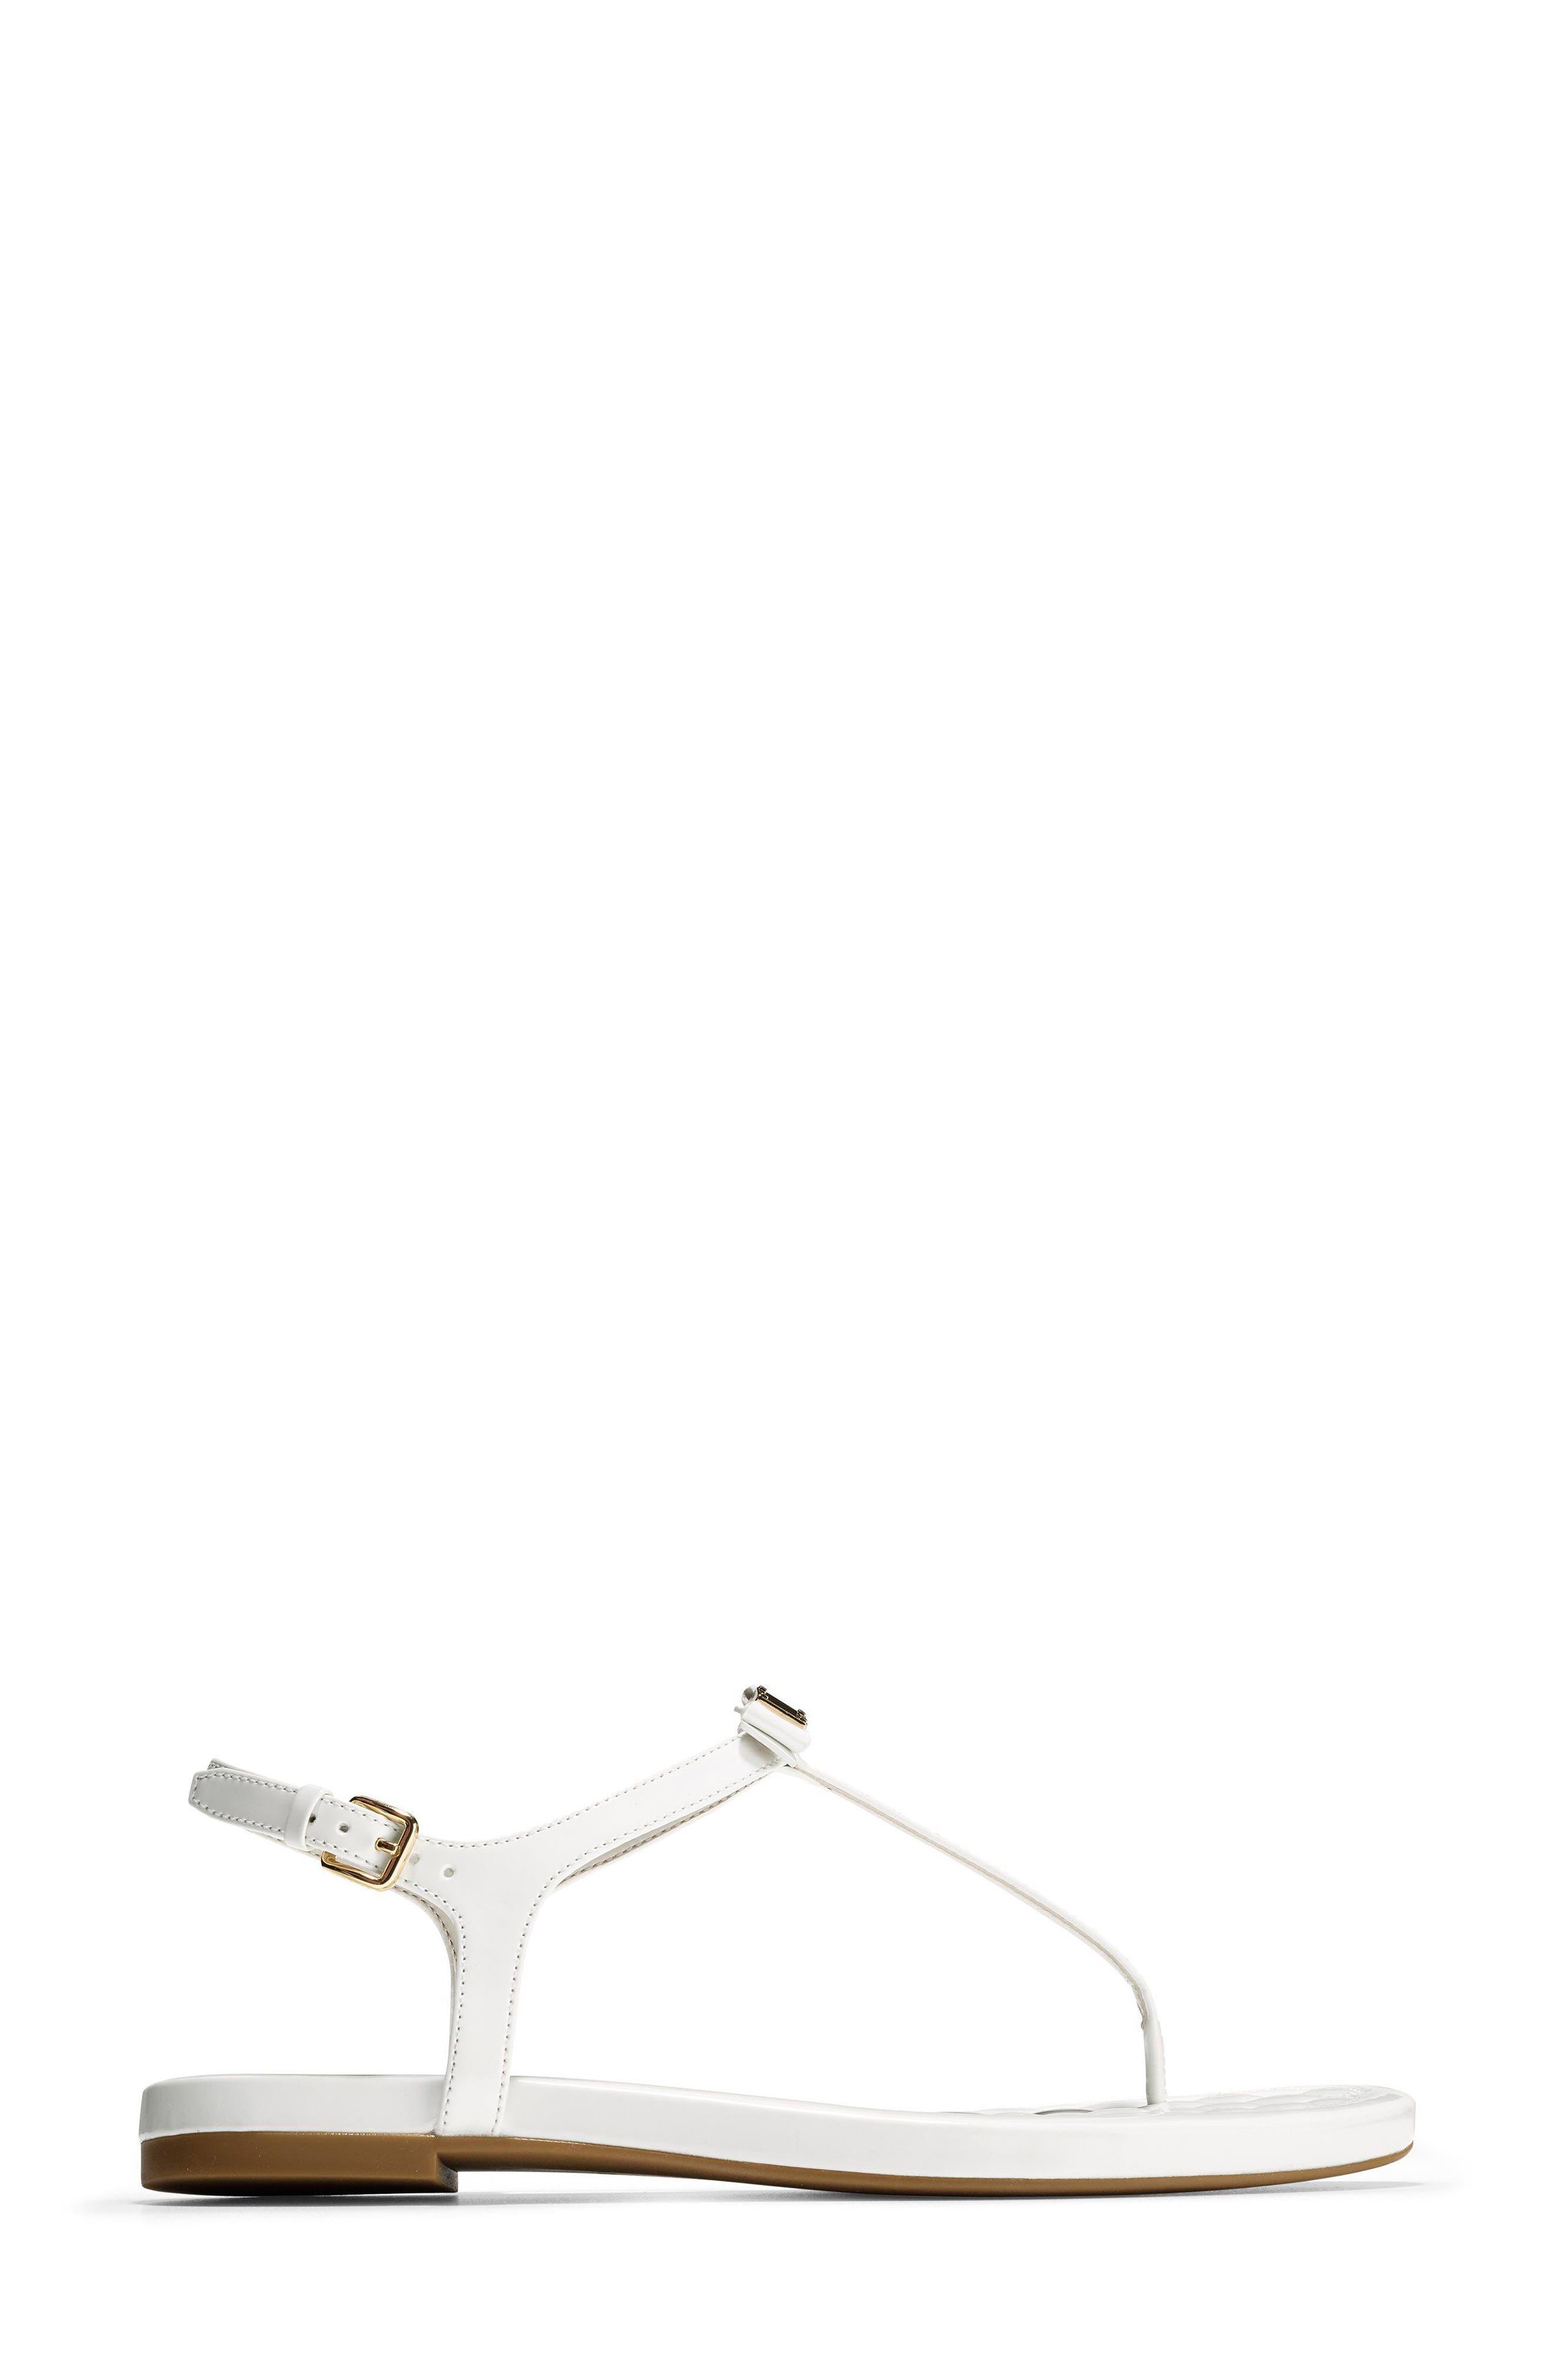 Tali Bow Sandal,                             Alternate thumbnail 3, color,                             Optic White Patent